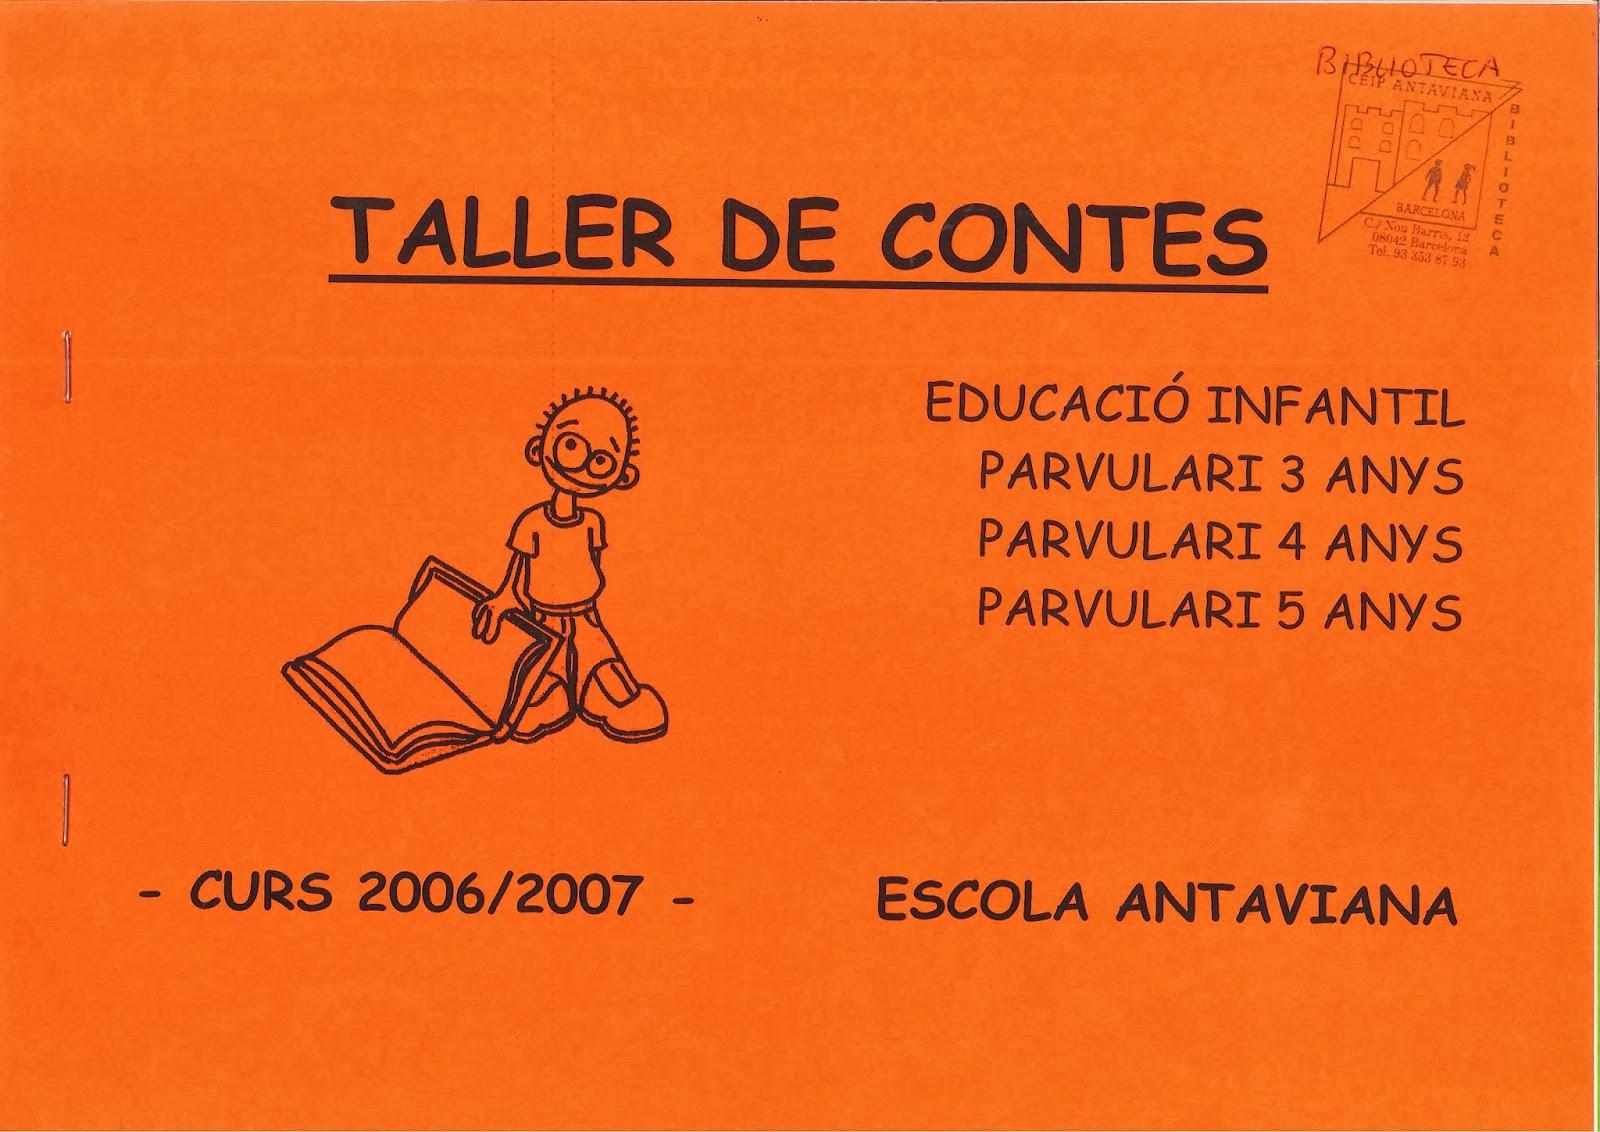 http://issuu.com/blocsdantaviana/docs/dossier_sencer_contes_2006-07